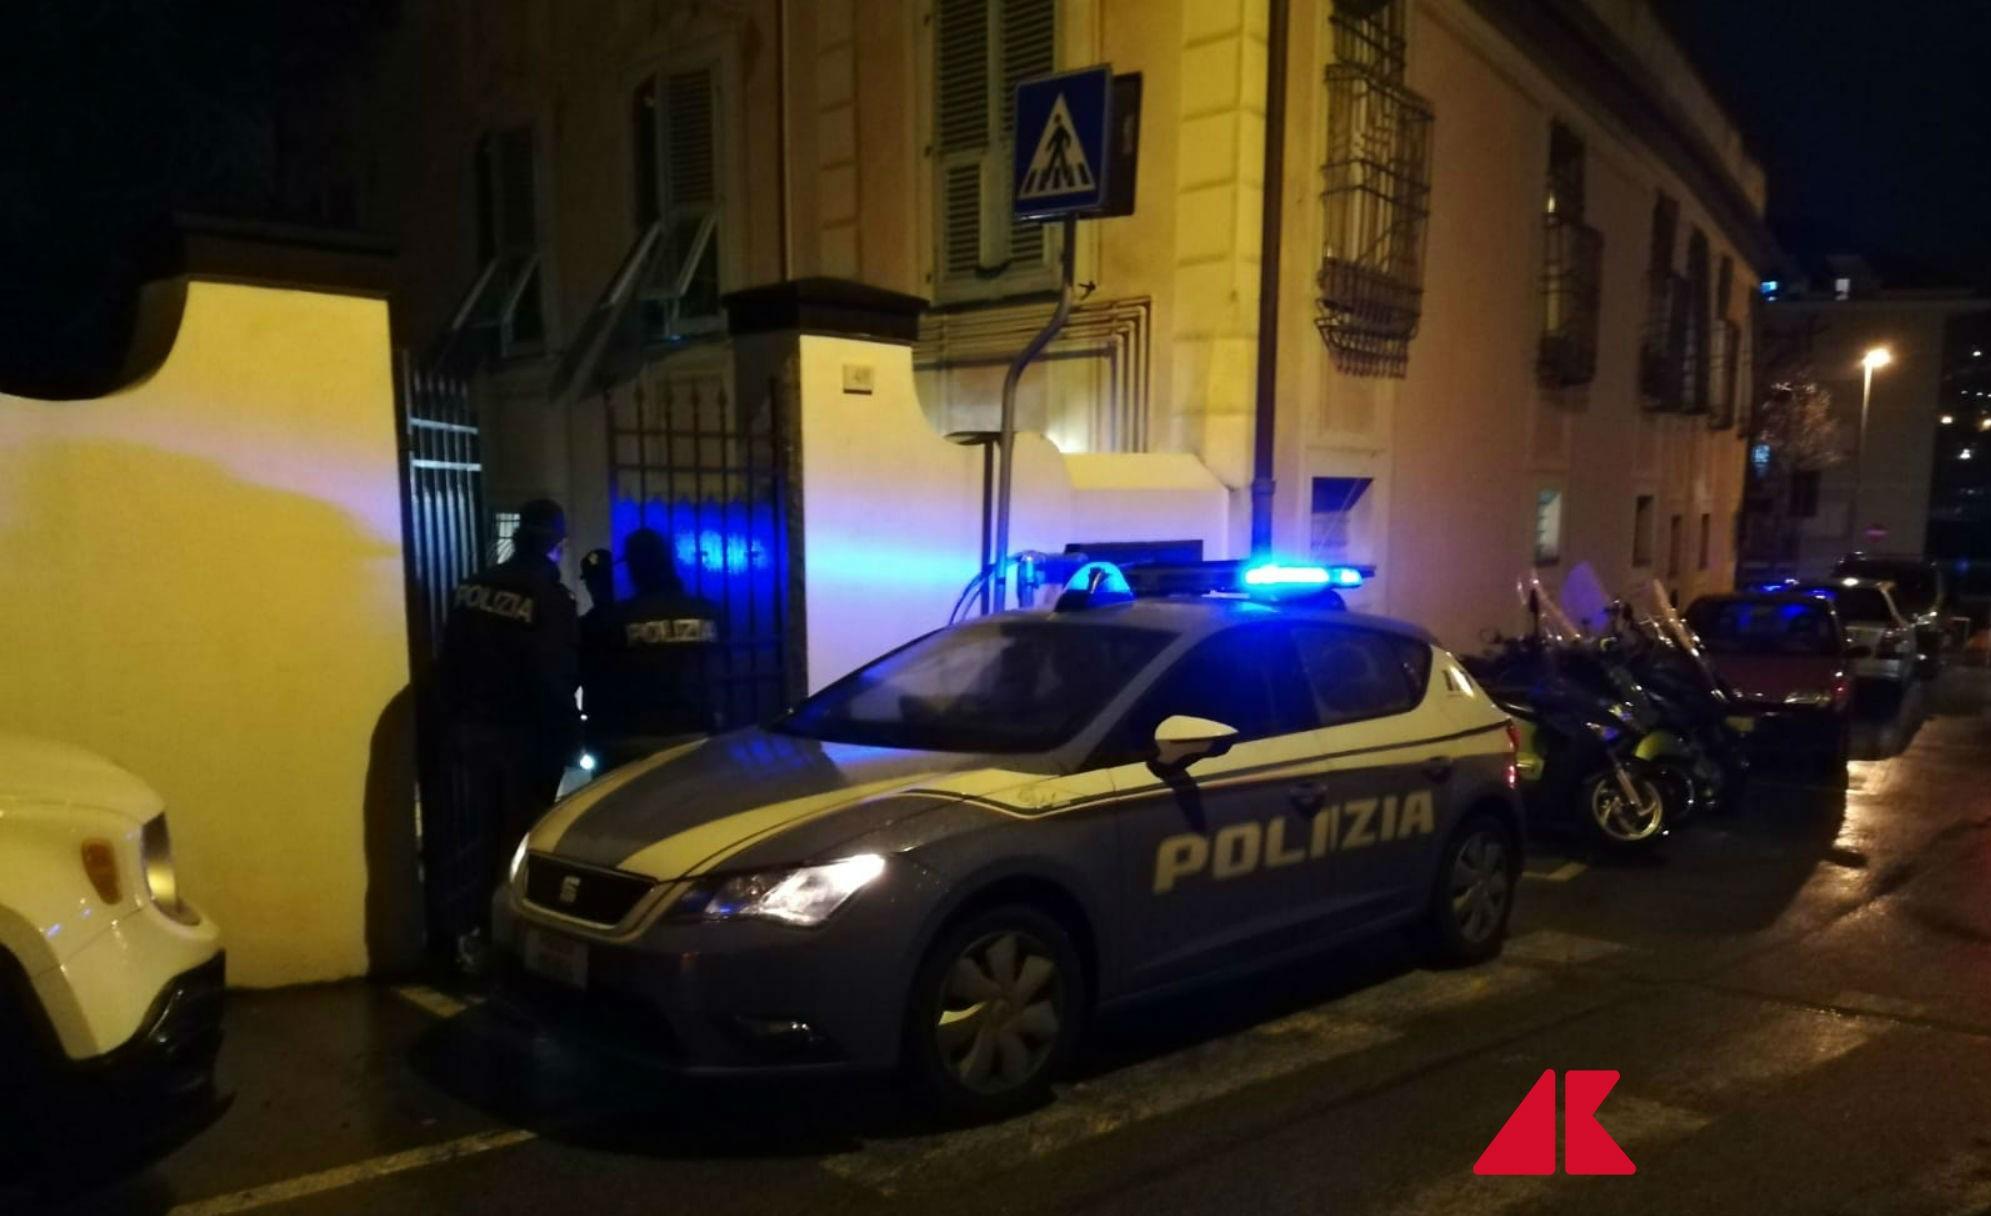 Nga prostitucioni te pornografia dhe rrëmbimet, Itali dëbon shqiptarin e tmerrshëm